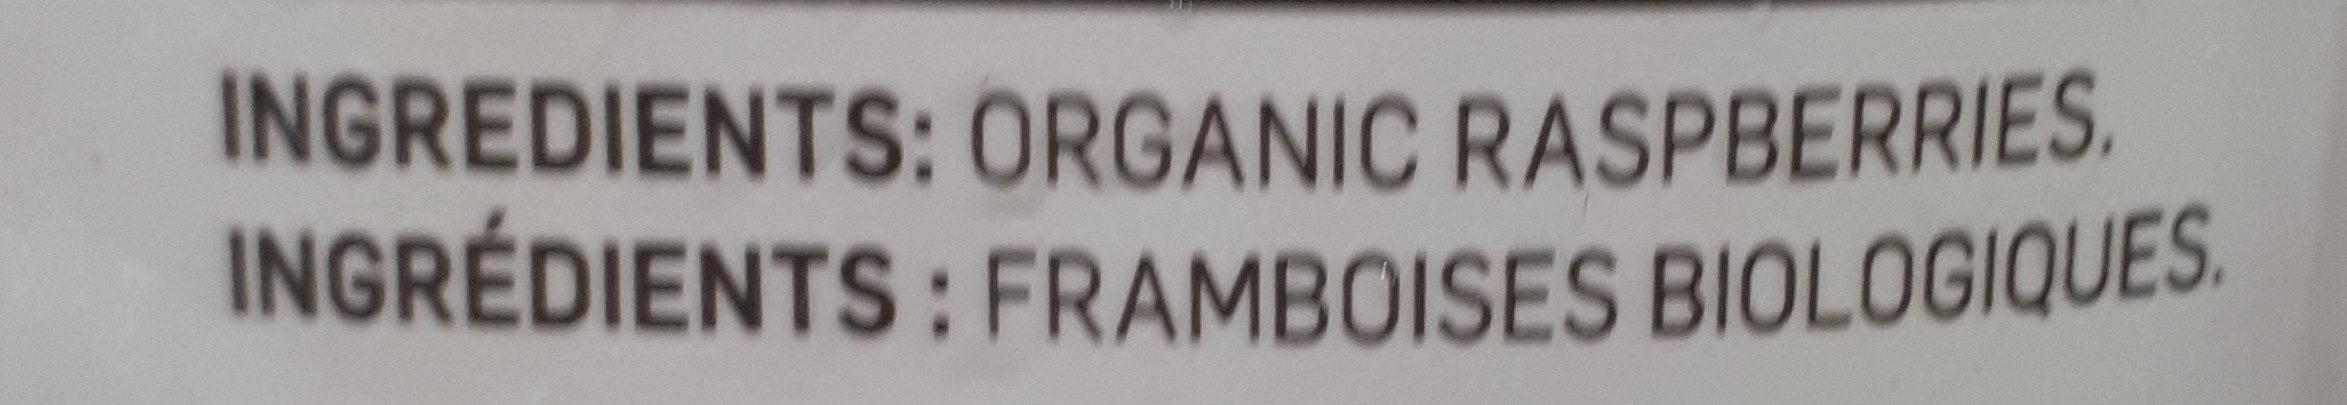 Framboises biologiques - Ingrédients - fr